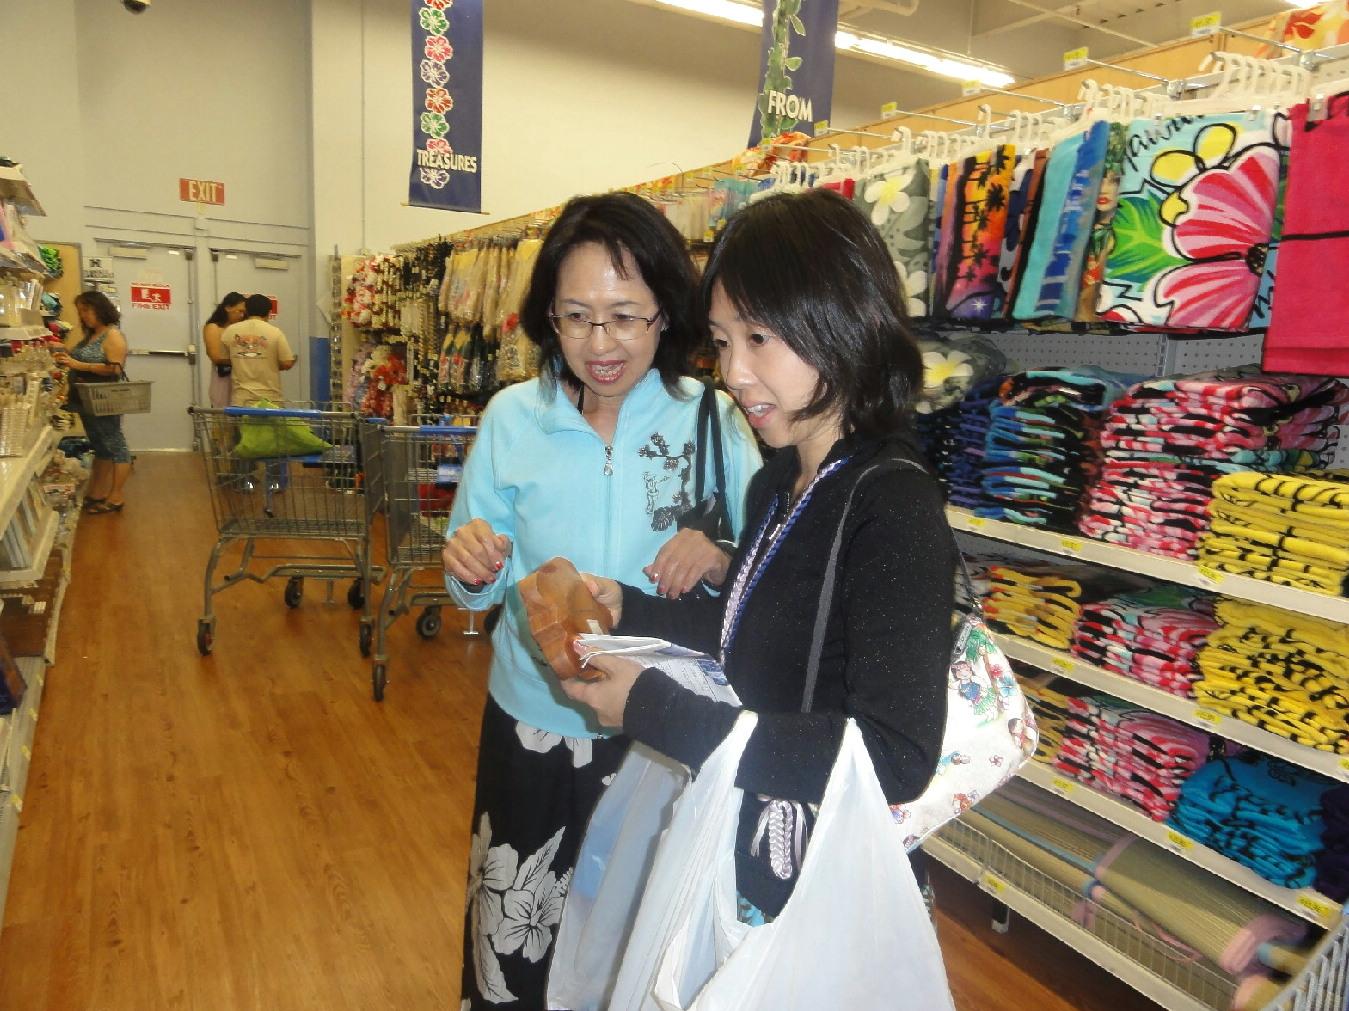 2011 1泊3日HAWAII旅行記~テイクアウトで美味しいフード~_f0011498_1638533.jpg